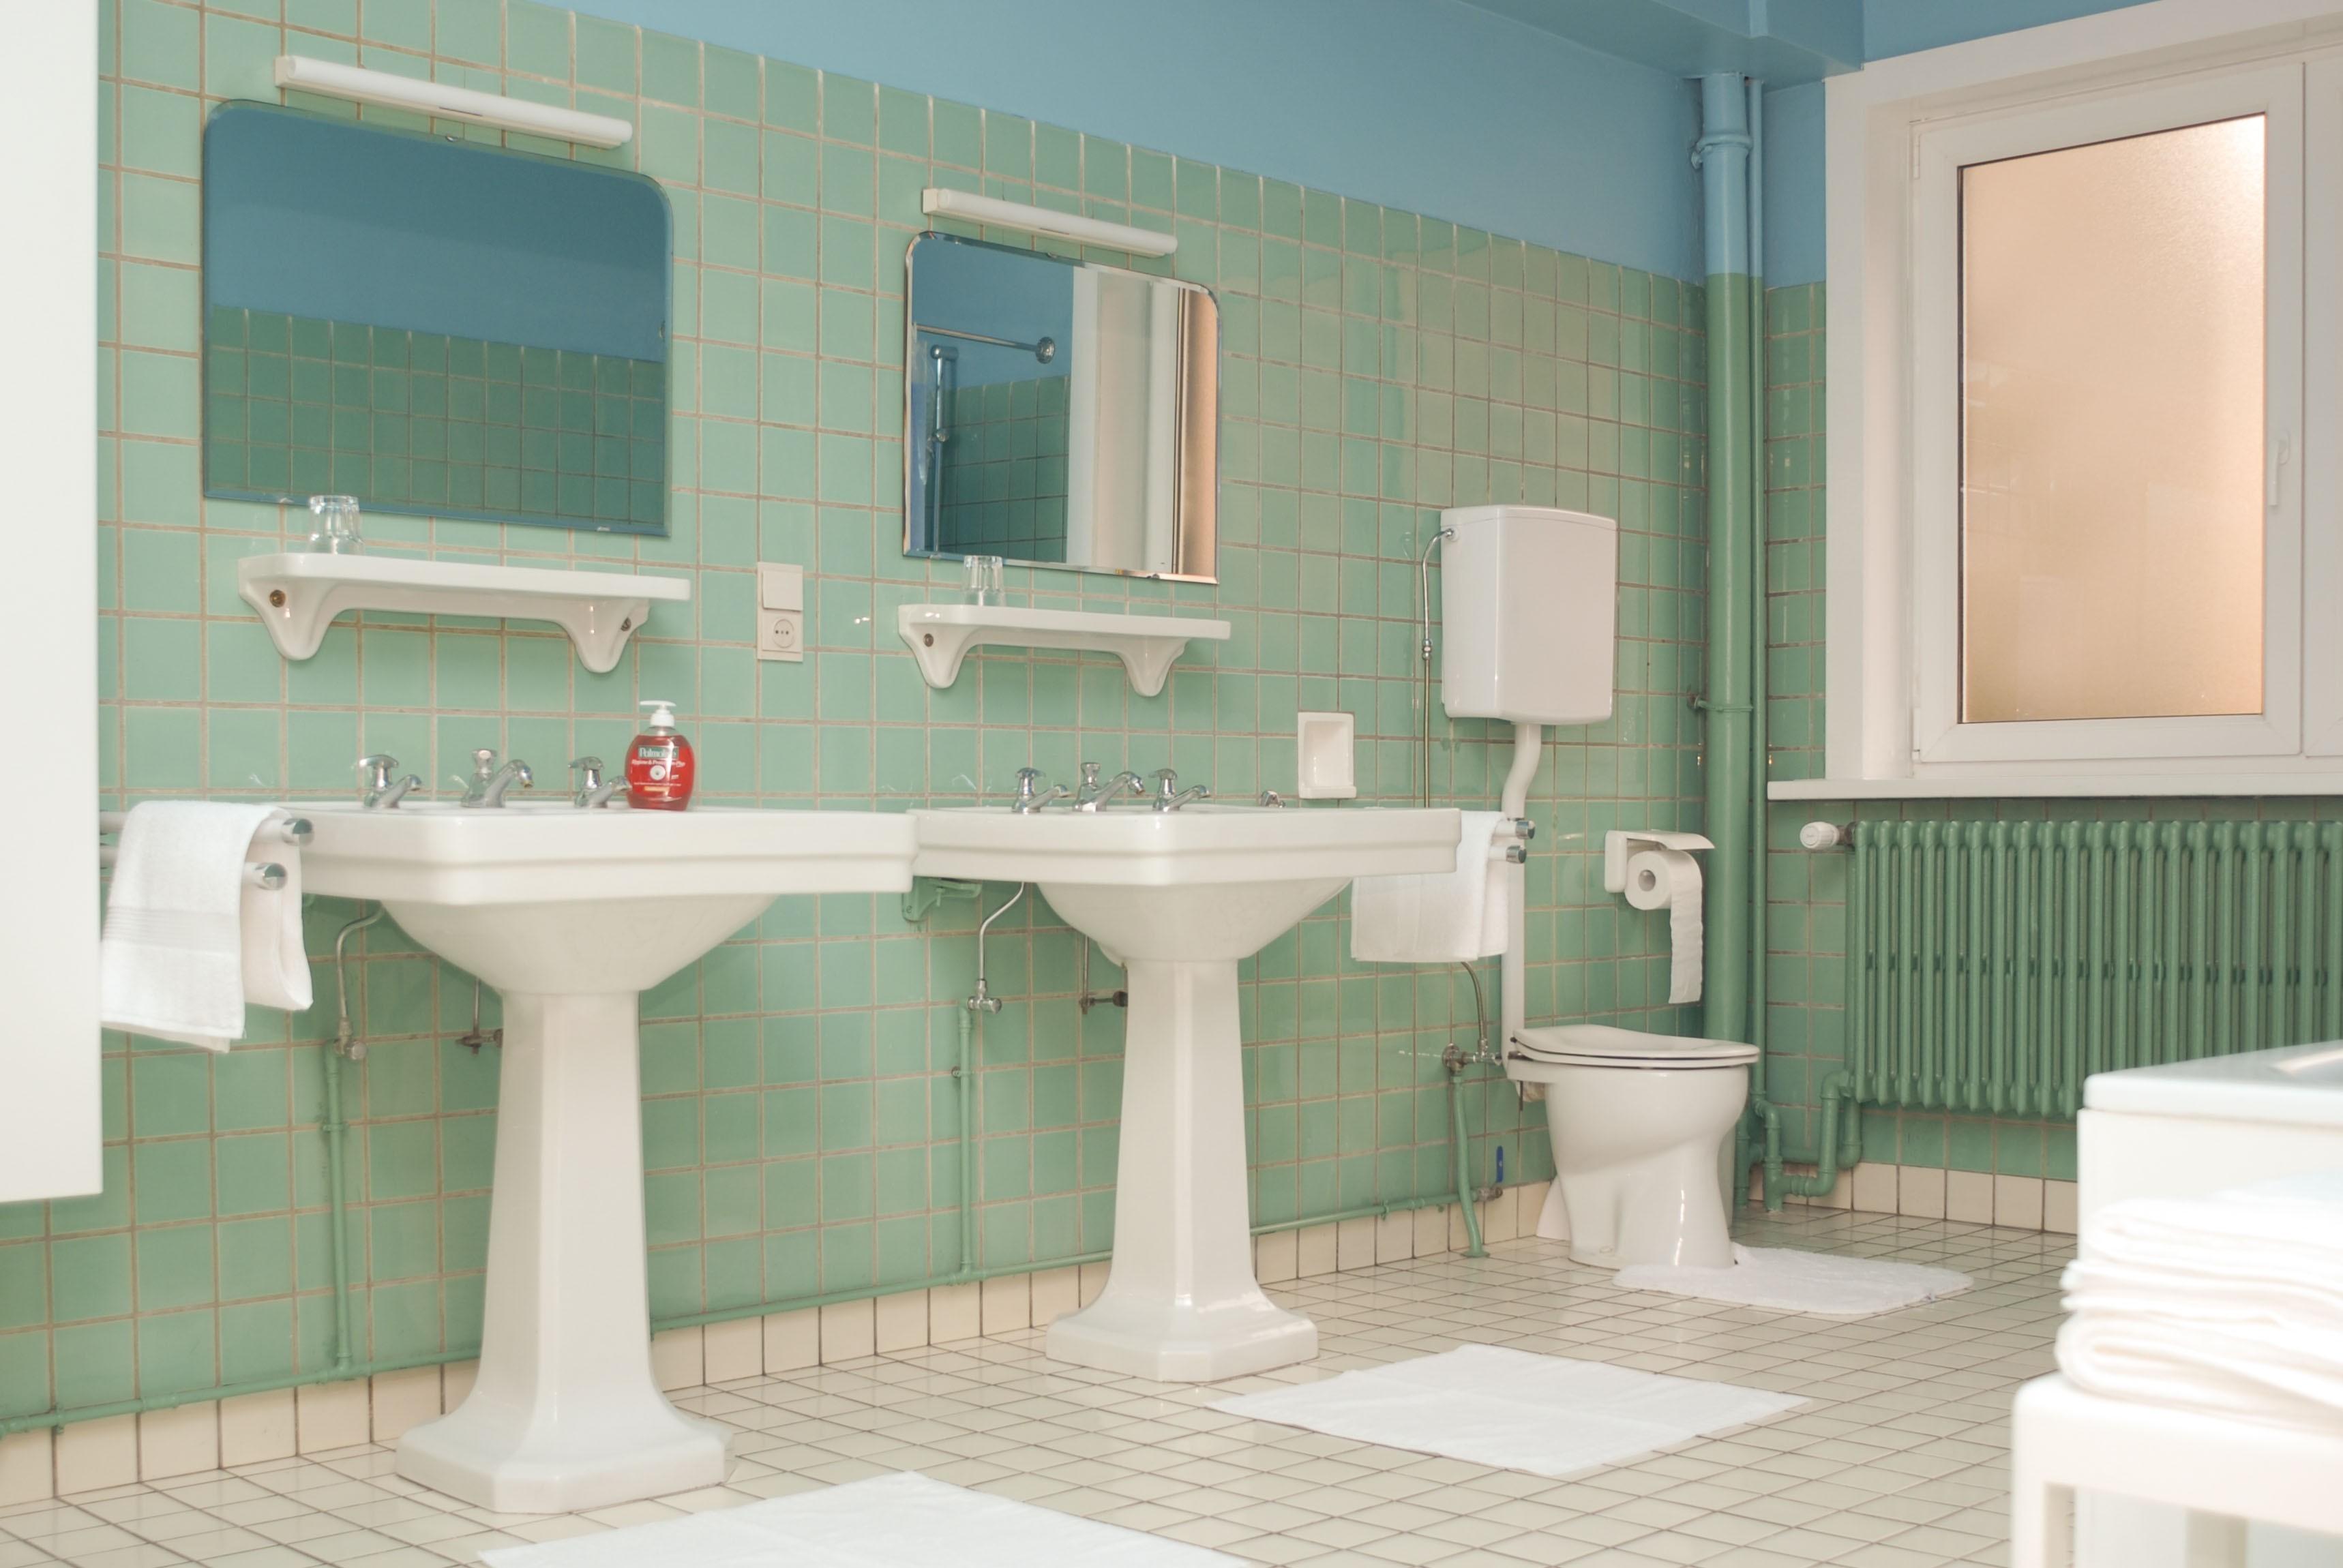 Badkamer ontwerp pimpen - Deco toilet ontwerp ...